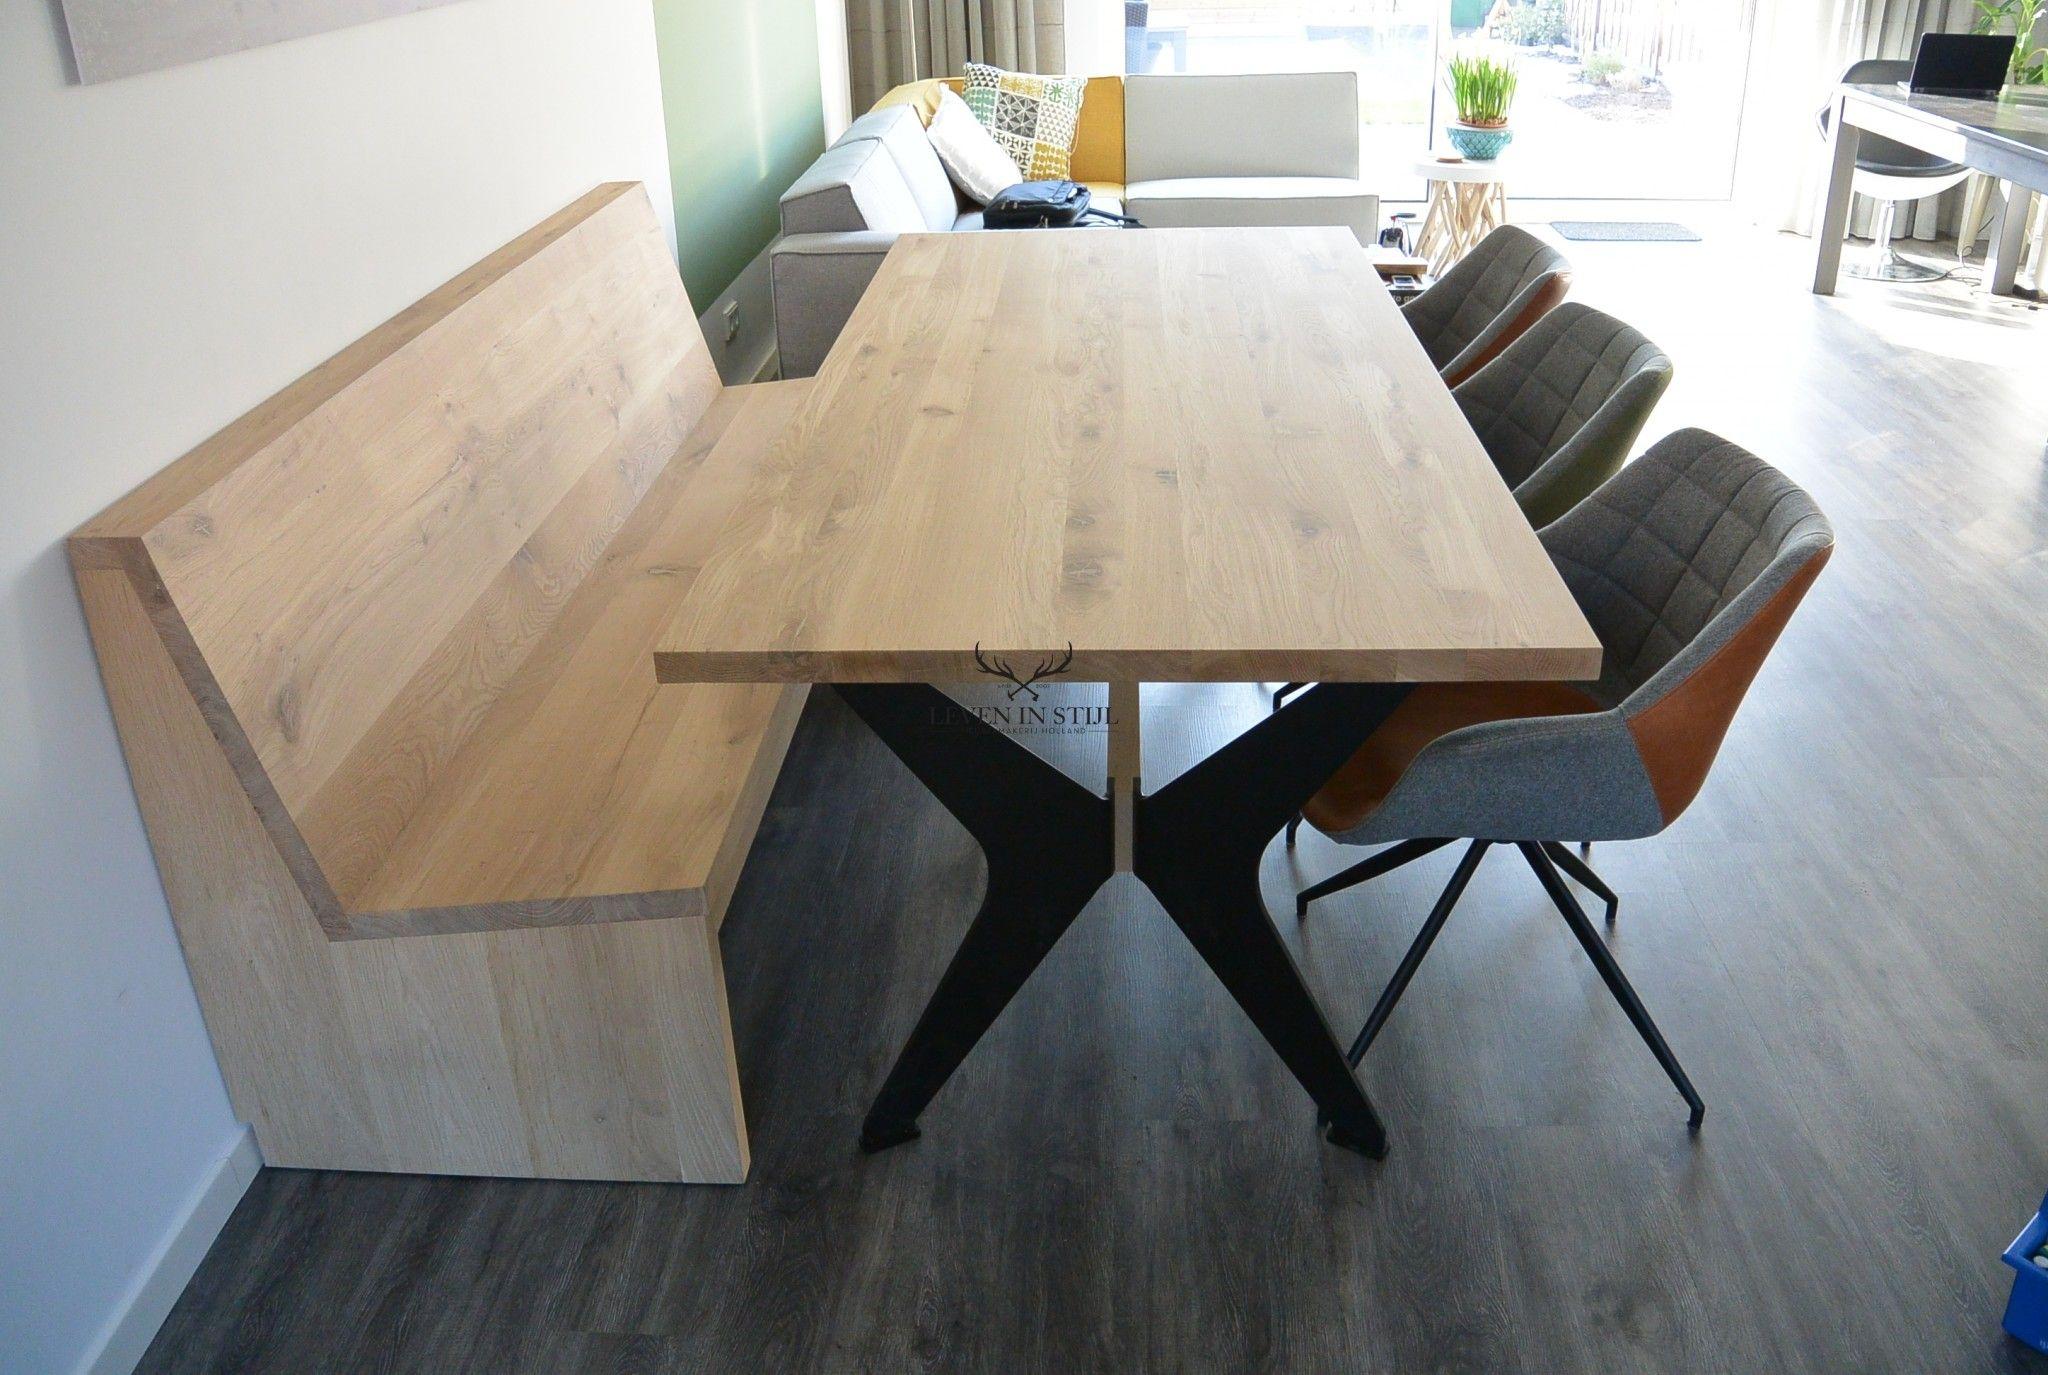 Stoere Tafels Steigerhout Alkmaar.Luxe Eikenhout Tafel Met Vlinderpoten Van Staal Speciaal